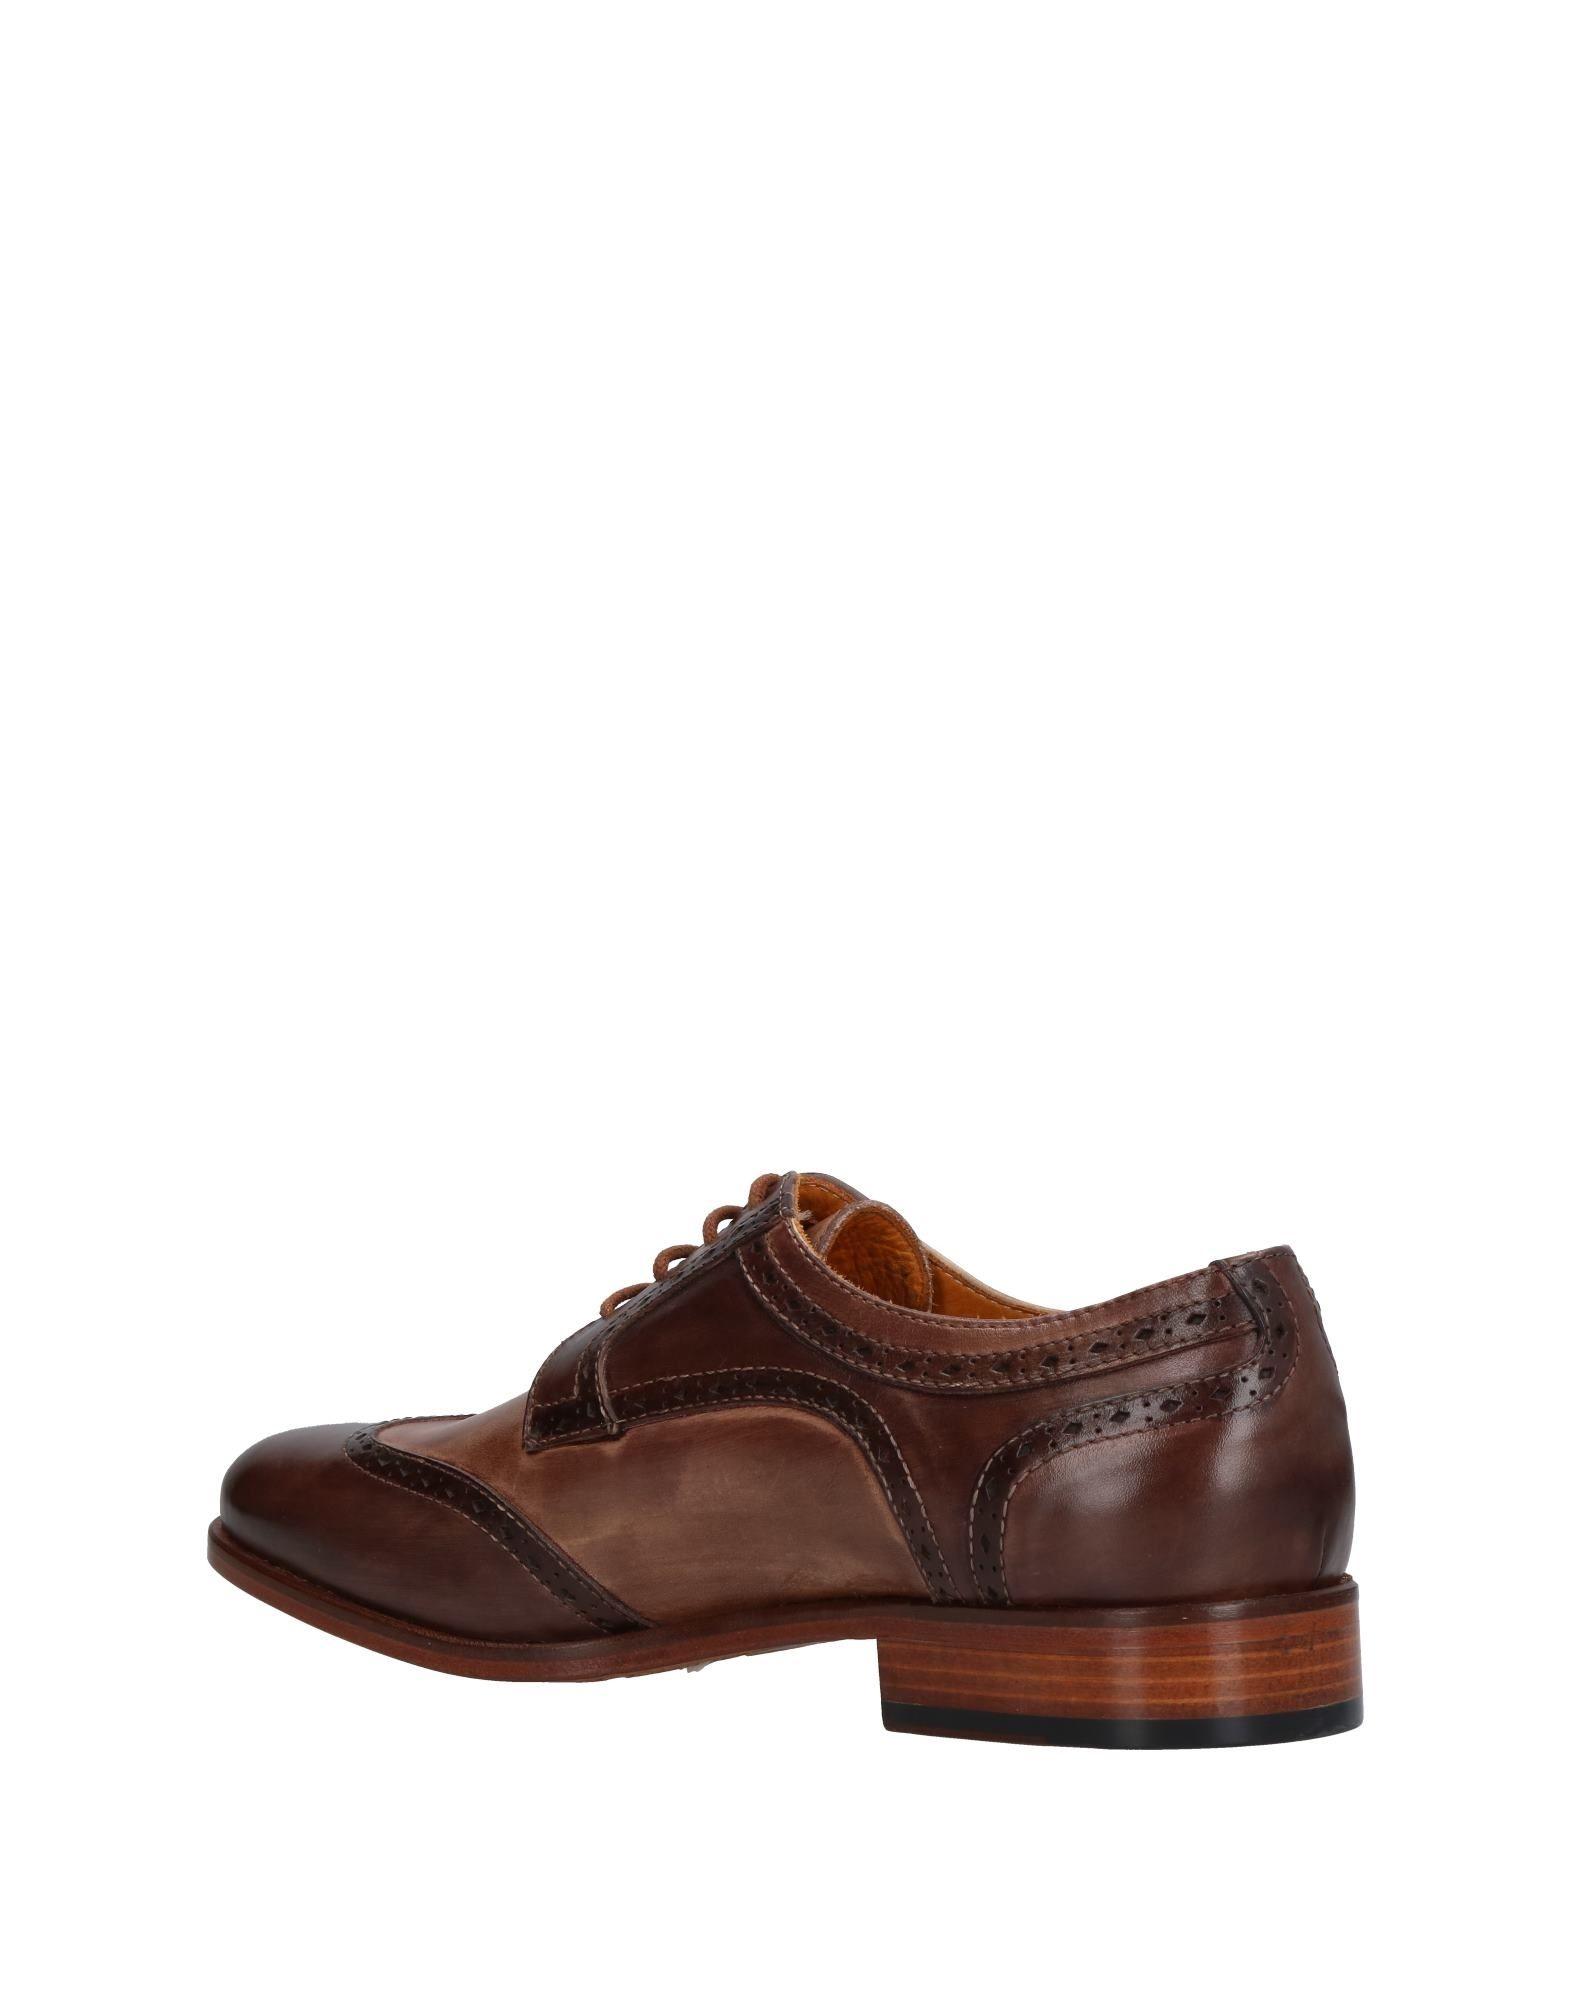 CHAUSSURES - Chaussures à lacetsE...vee 4bmBPWi